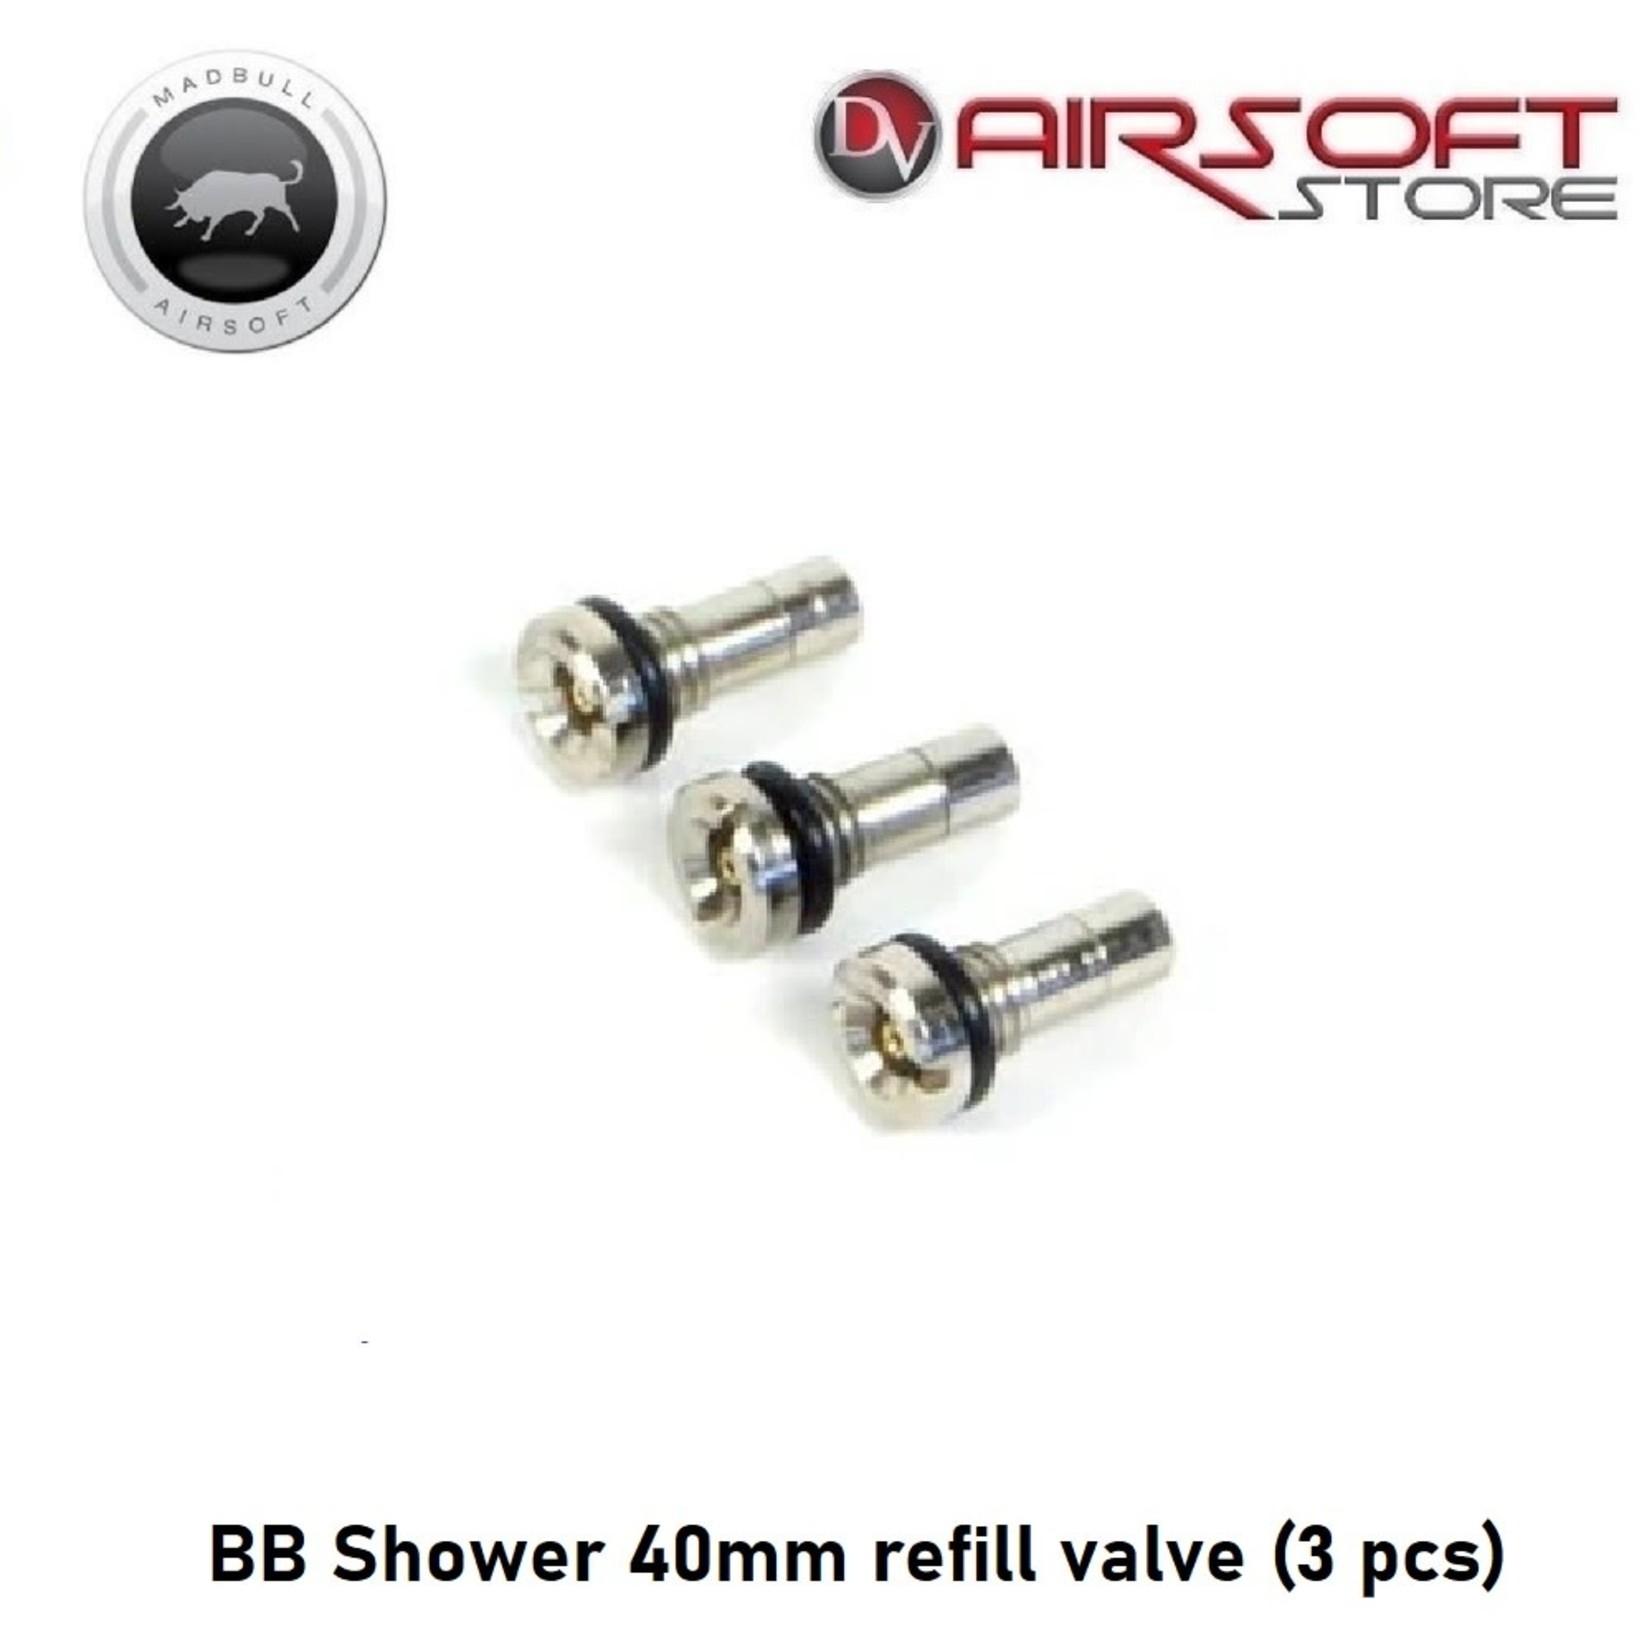 Madbull BB Shower 40mm refill valve (3 pcs)